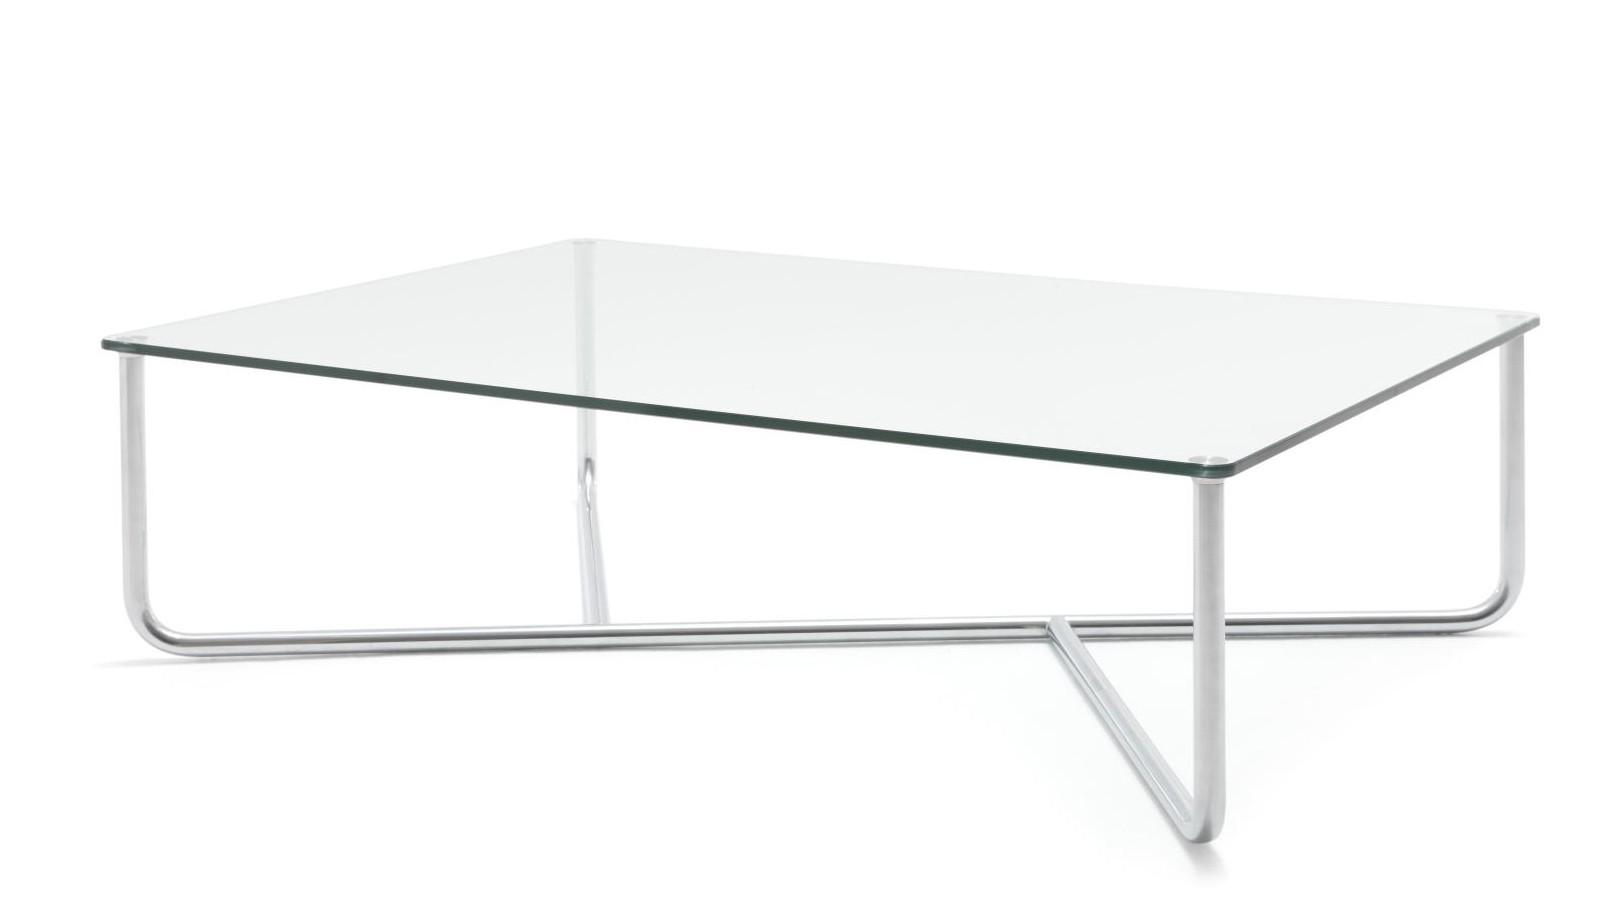 GS434 salontafel van de gebroeders van der Stroom